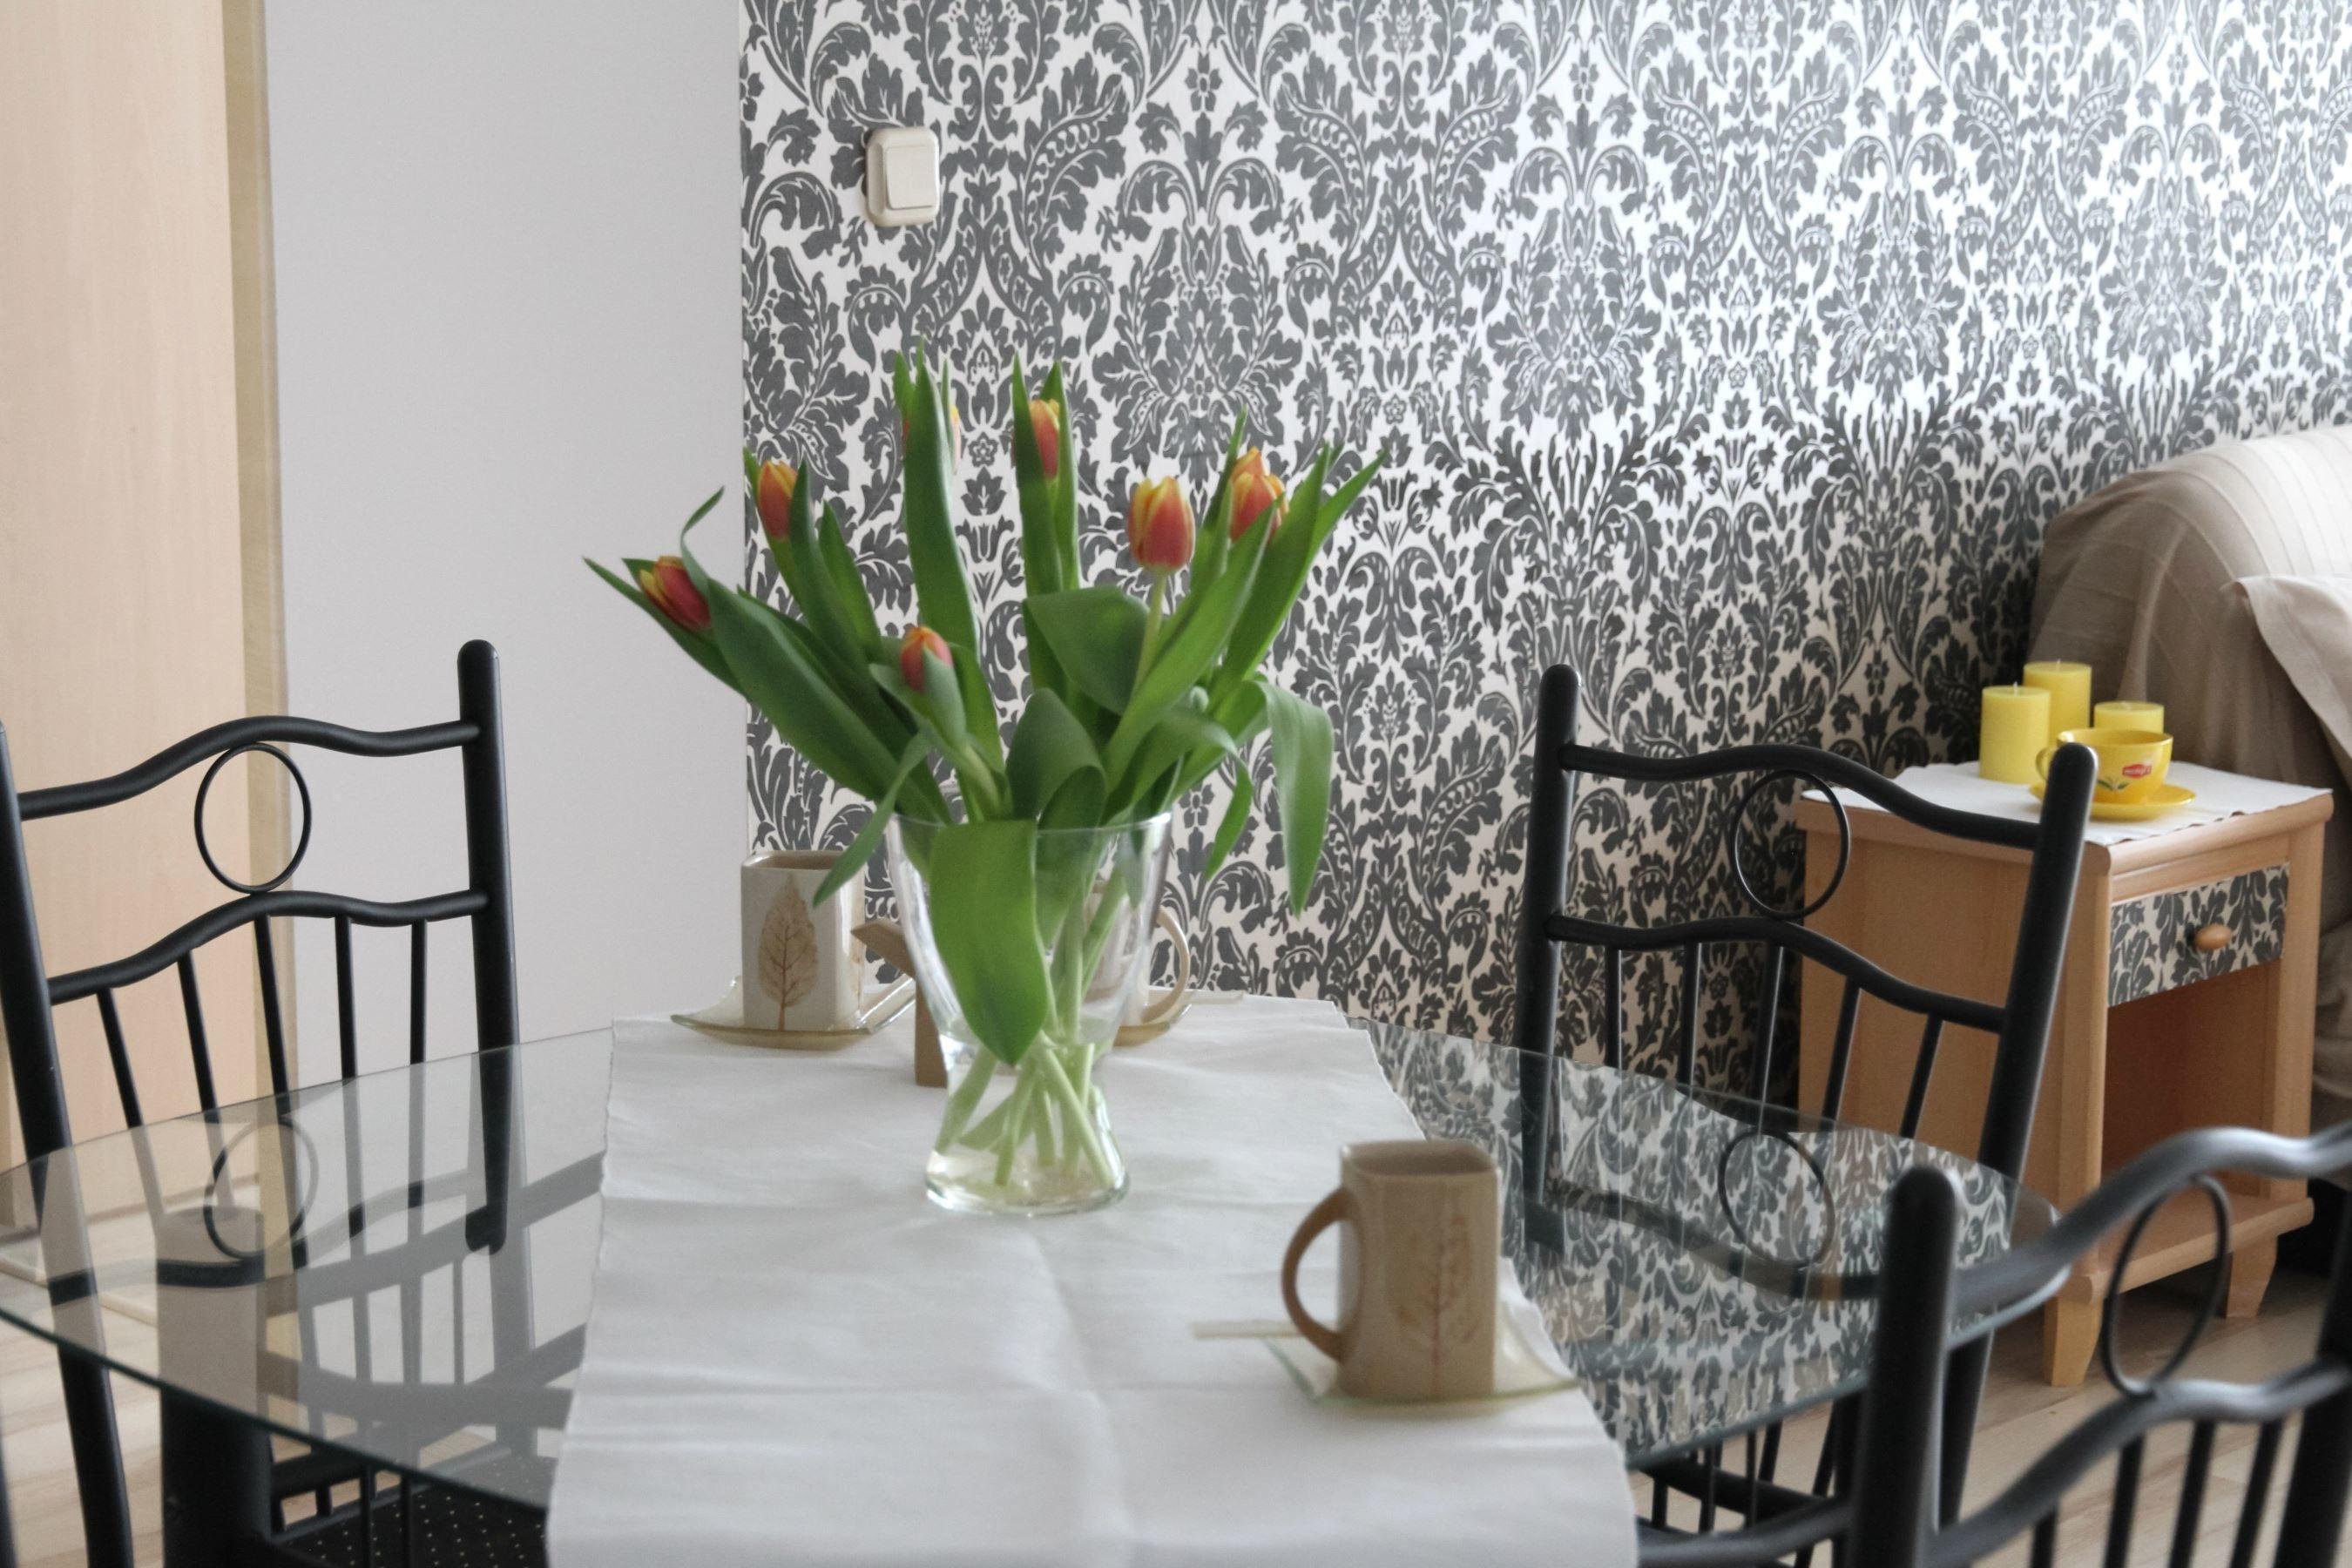 kostenlose bild vase blume glas pflanze dekoration blatt schale kaffee m bel. Black Bedroom Furniture Sets. Home Design Ideas